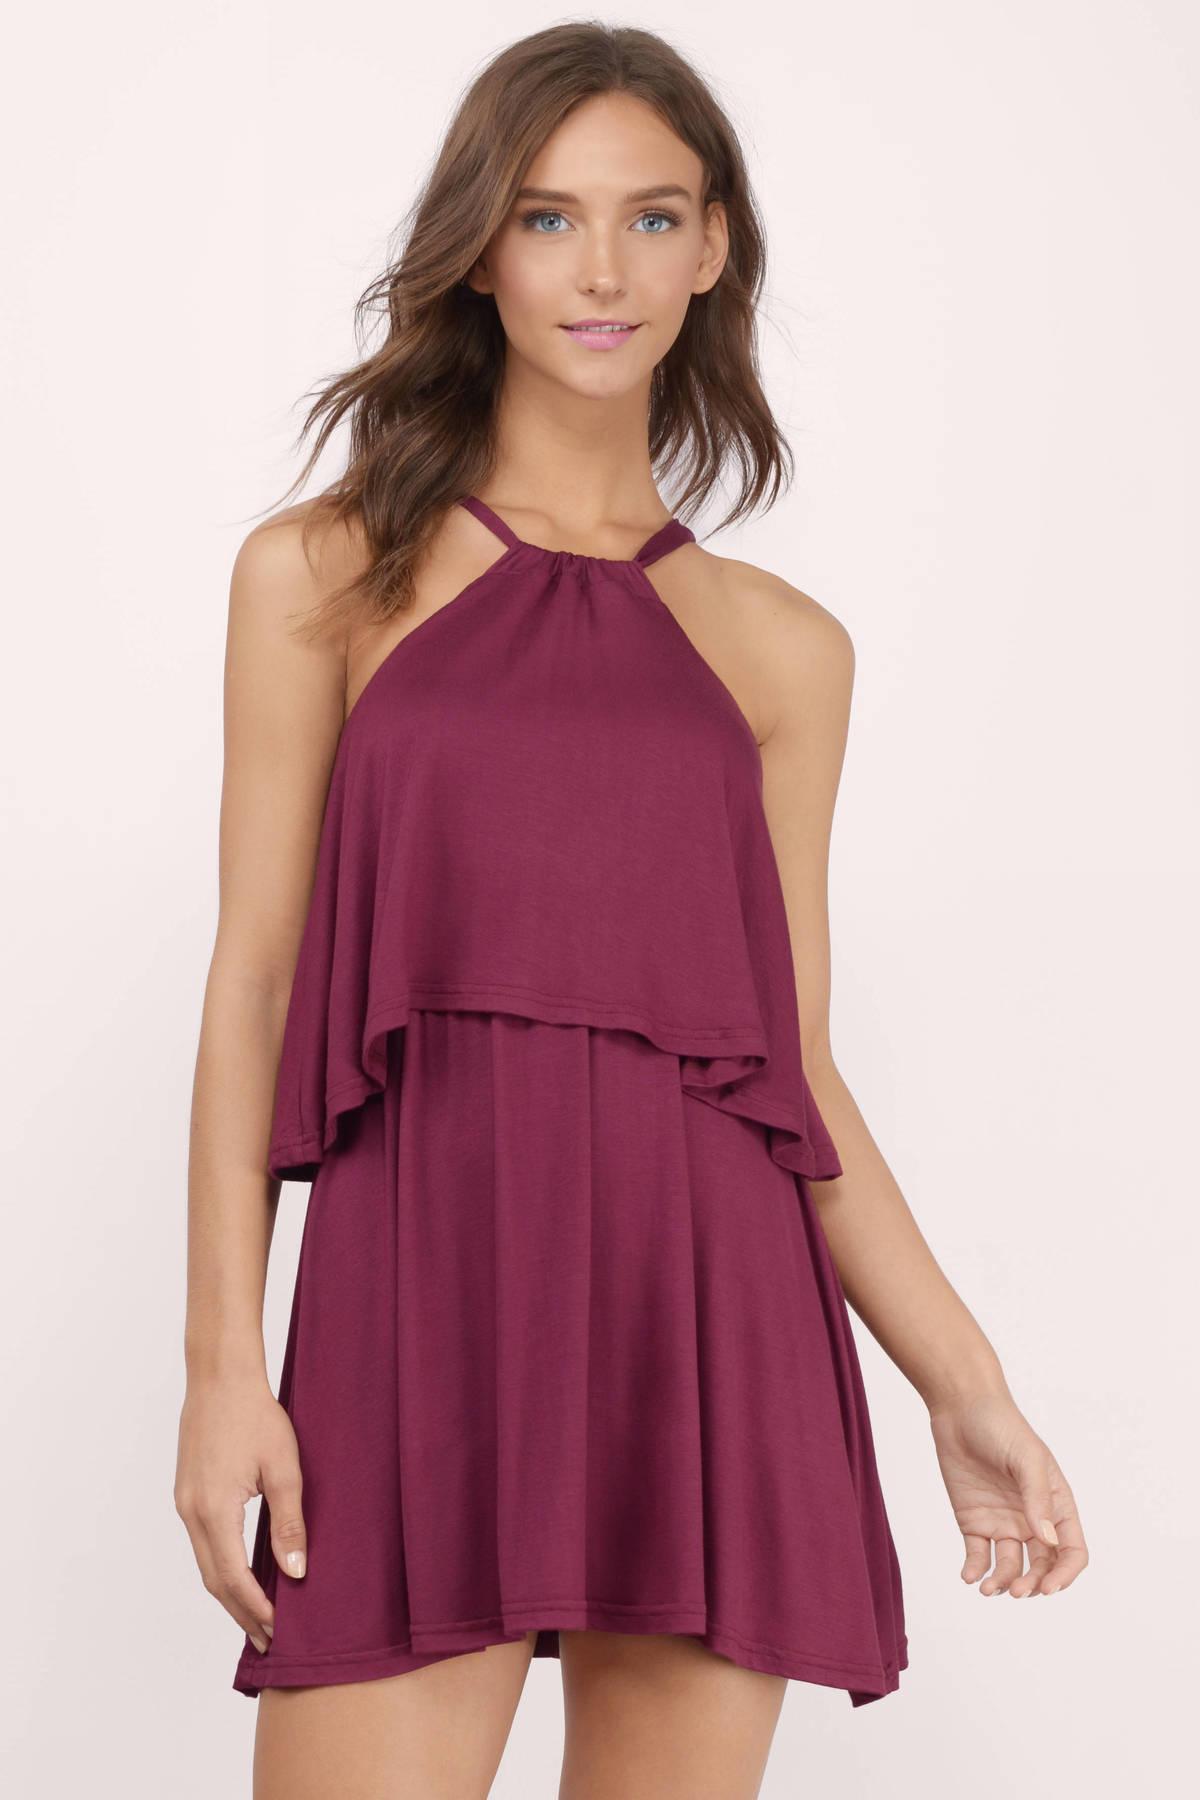 Holiday Dresses Under $25 - Shop Holiday Dresses Under $25 at Tobi